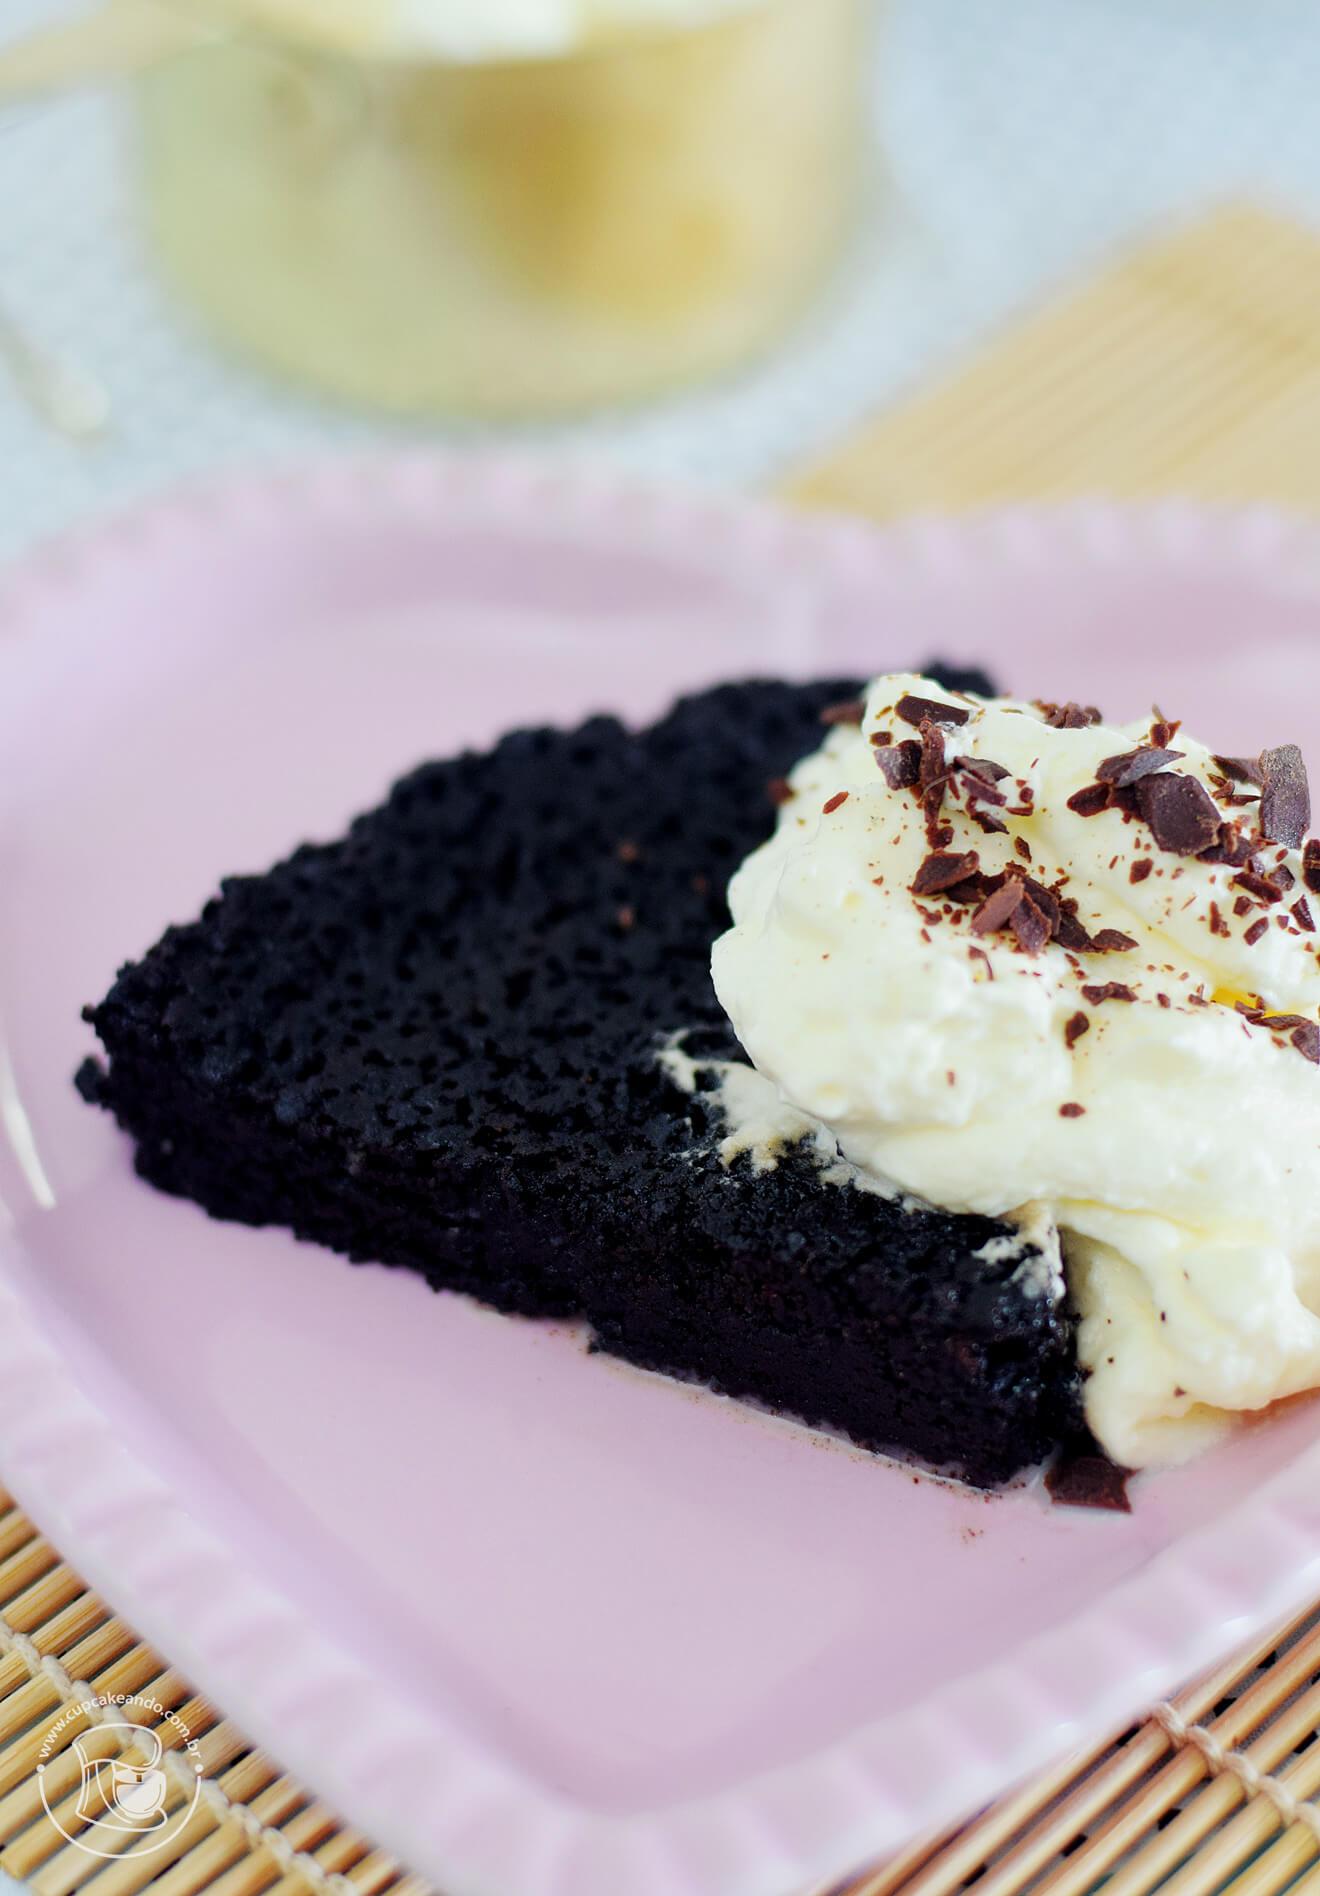 Torta búlgara caseira deliciosa, puro chocolate